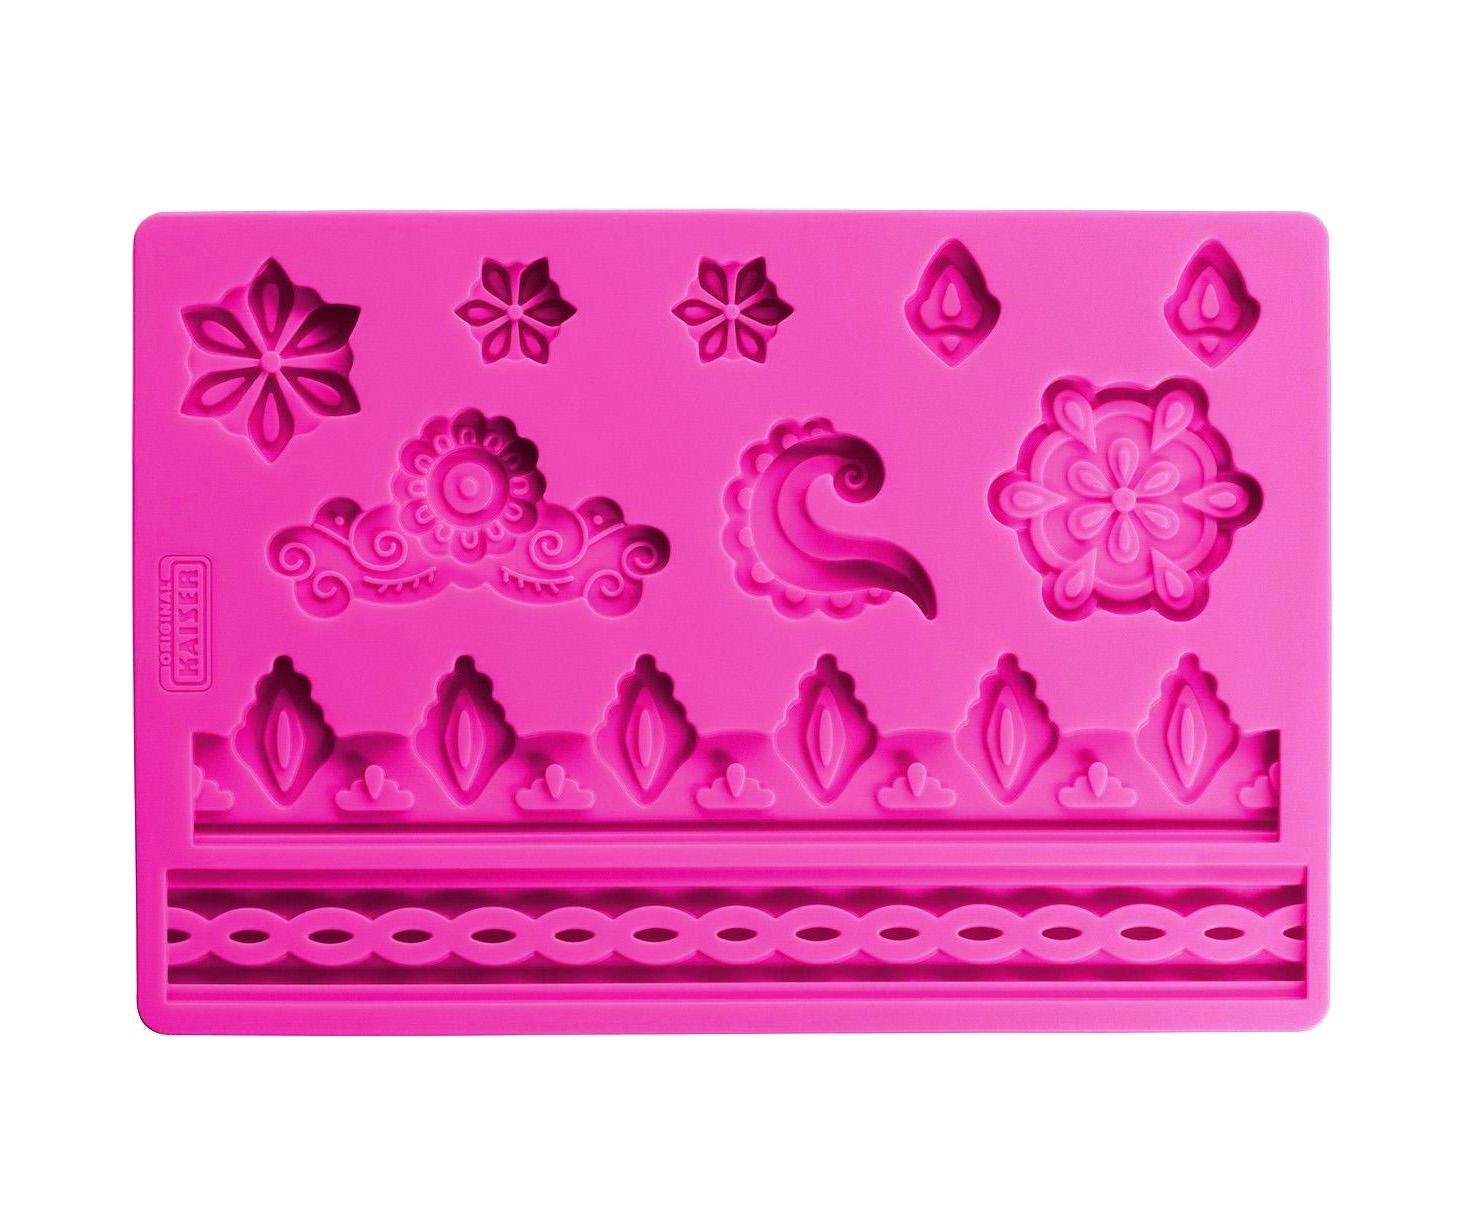 Онлайн каталог PROMENU: Коврик кондитерский для декорирования Kaiser Backform INSPIRATION, 20х13,5 см, фиолетовый                               23 0067 0096